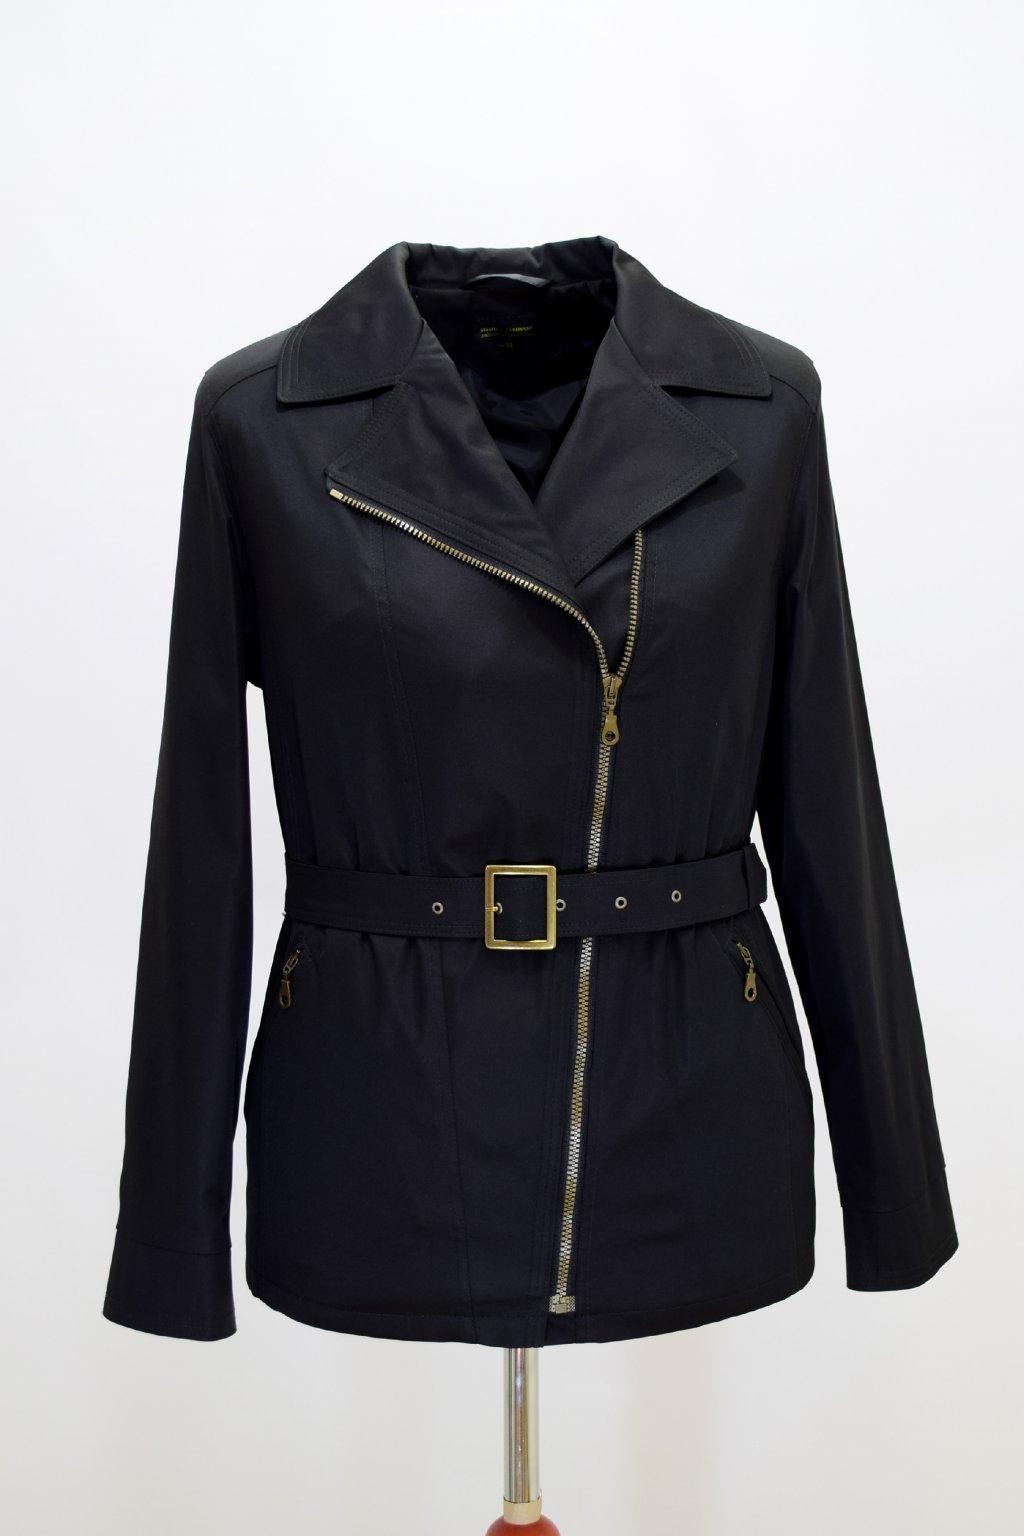 Dámský černý jarní kabátek Zora nadměrné velikosti